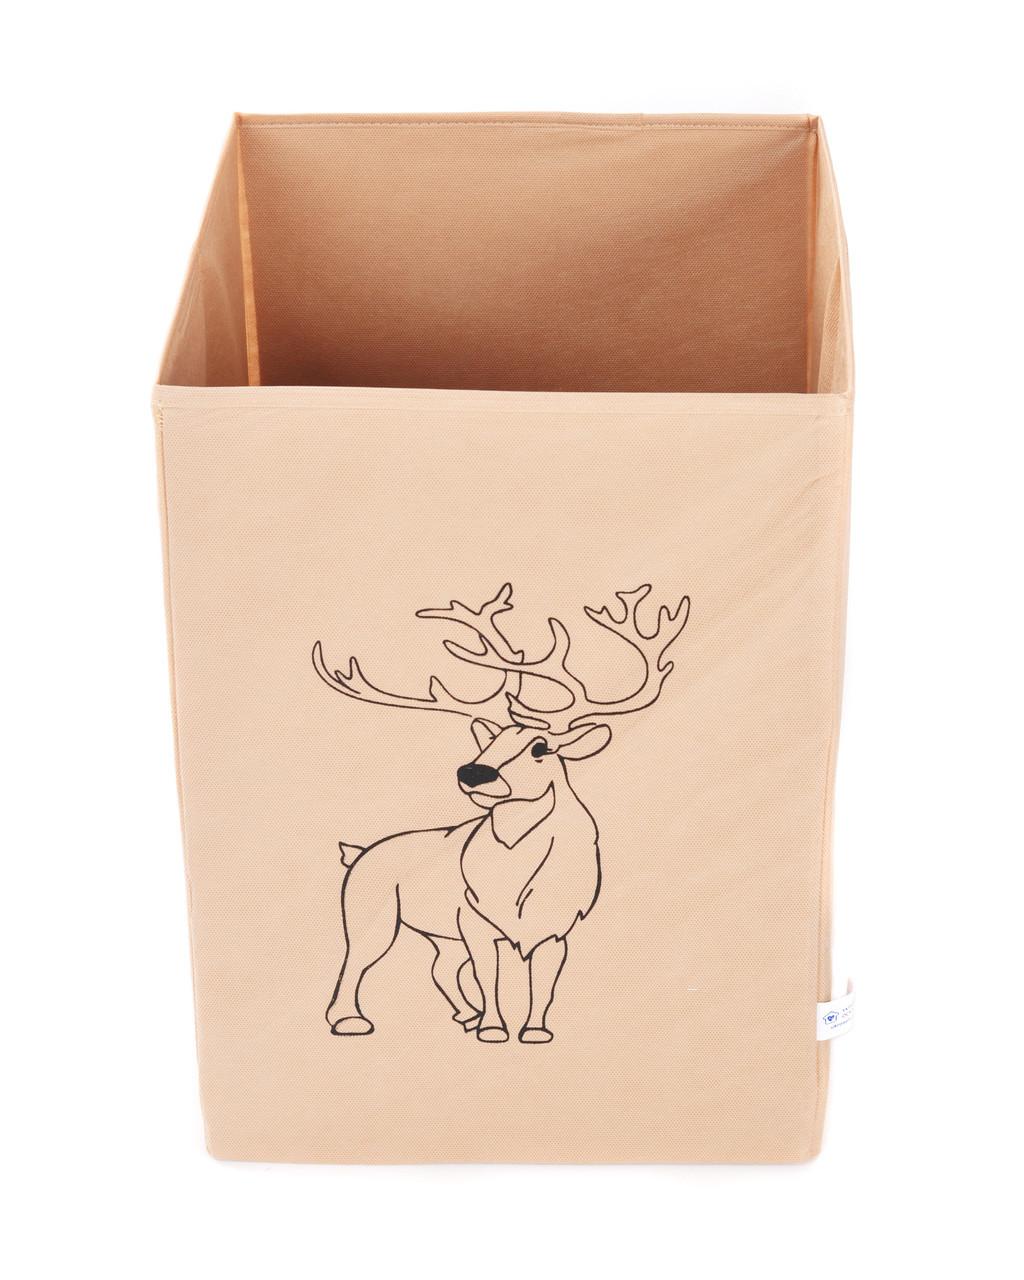 Ящик для зберігання іграшок, 35*35*55 см, Зоопарк Олень (без кришки)